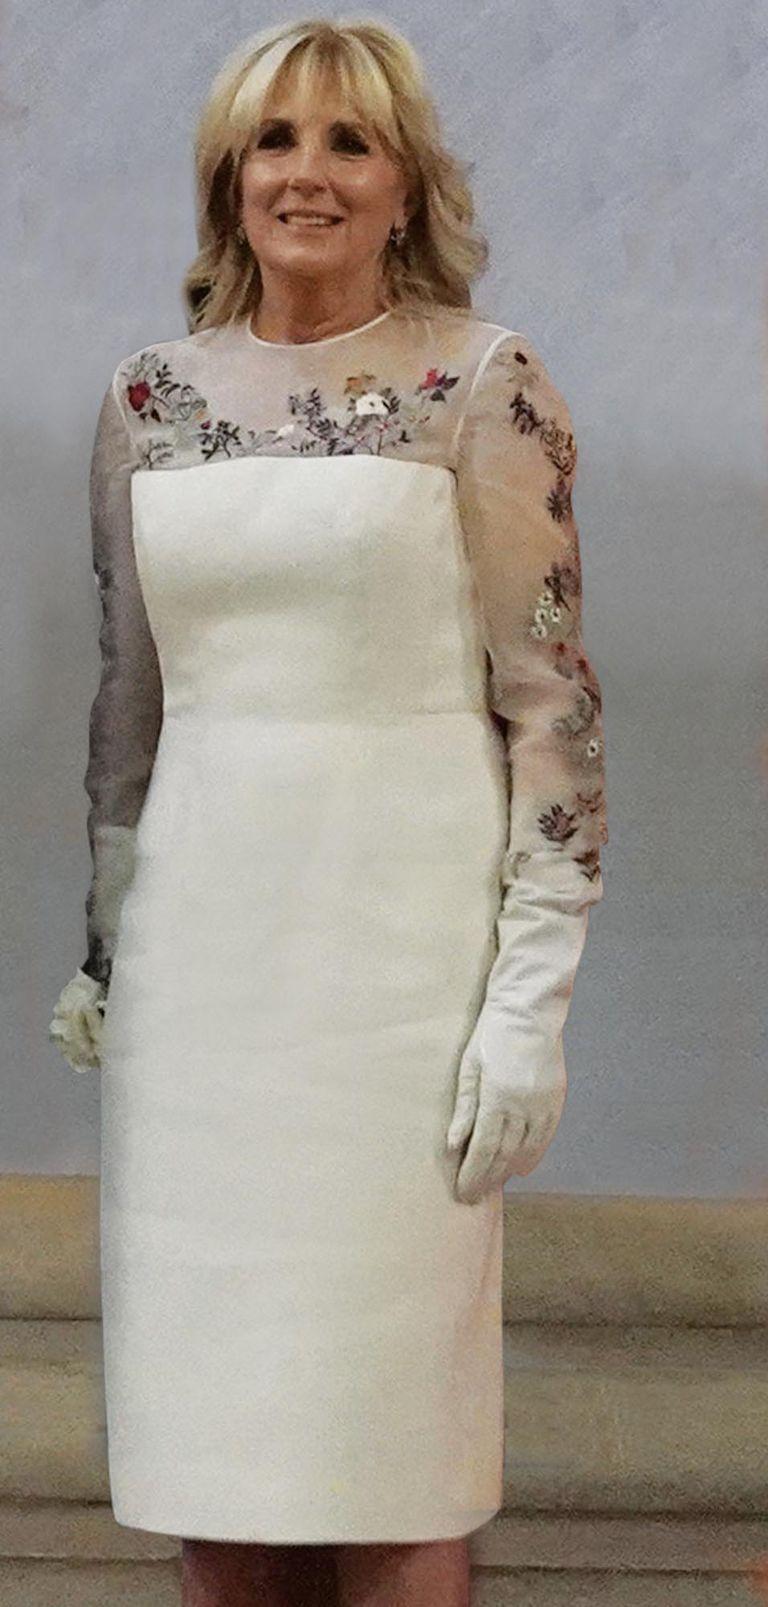 La diseñadora uruguaya Gabriela Hearst le confeccionó ambos vestidos, que Jill usó con 100 días de distancia.  La firma LW Pearl se encargó de bordar en el escote (está confeccionado en organza de seda) flores que representan todos los estados del país